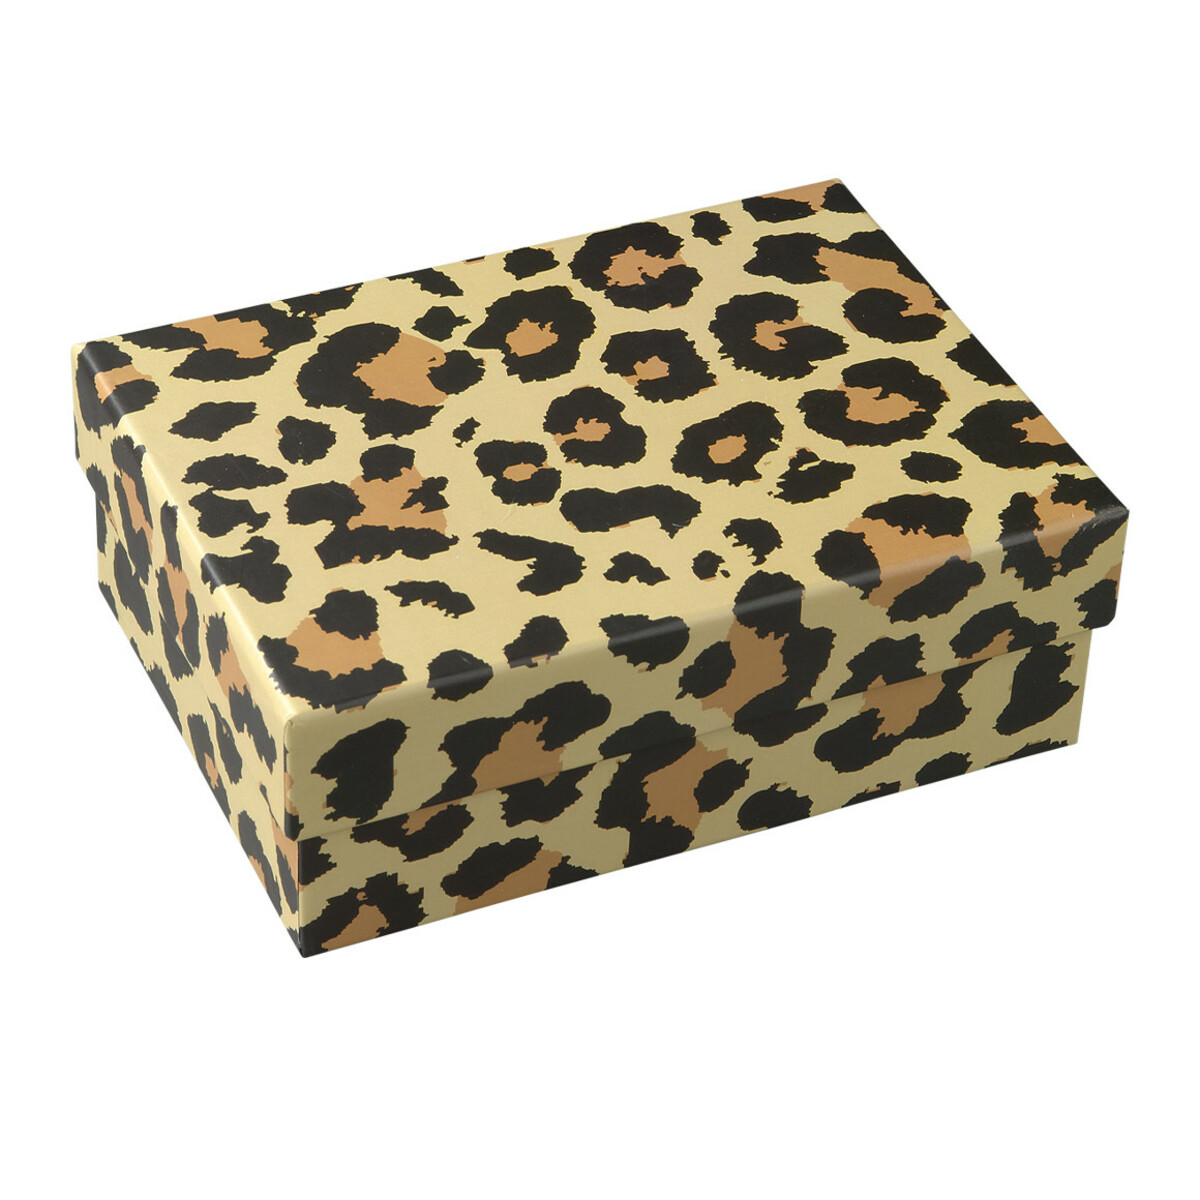 Bild 1 von Mittelgroße Geschenkbox mit Leoparden-Muster